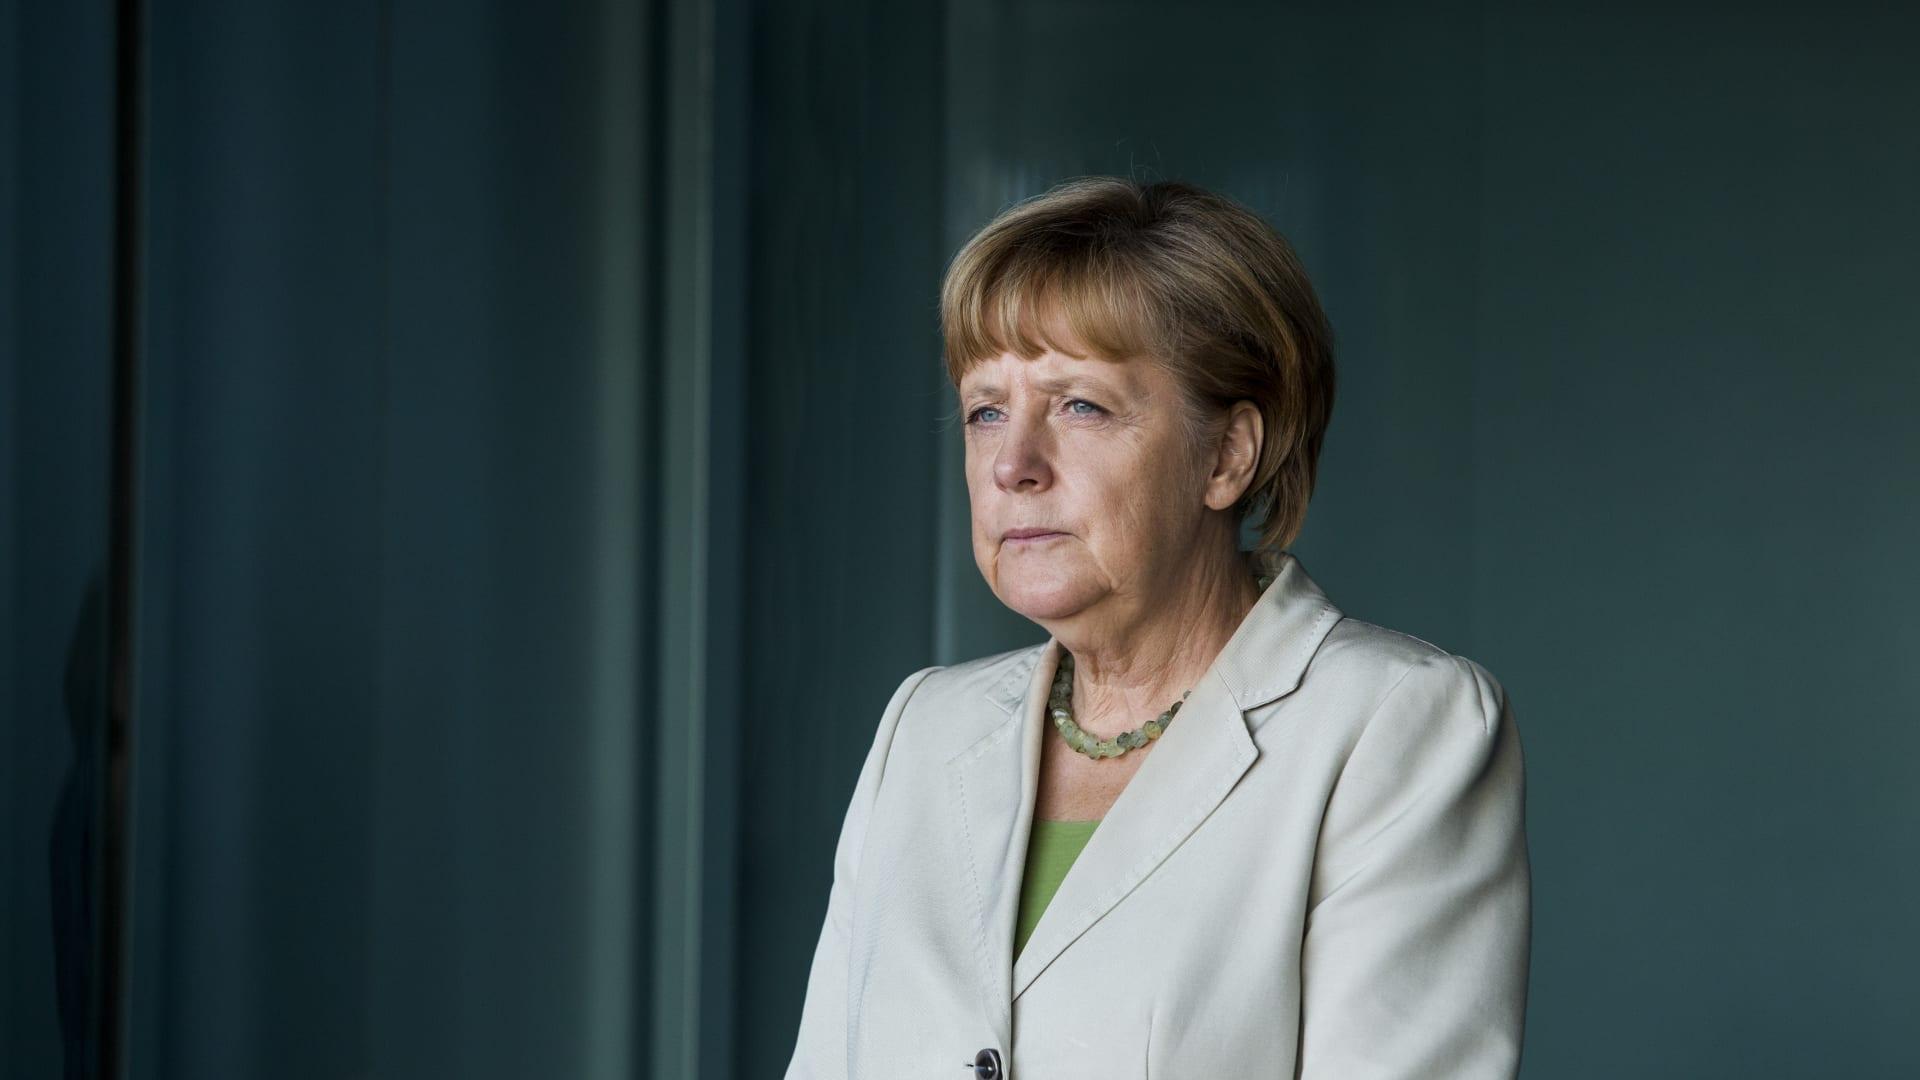 16 عامًا من السلطة.. كيف تقارن مدة حكم ميركل مستشارة ألمانيا مع قادة الدول الأخرى؟